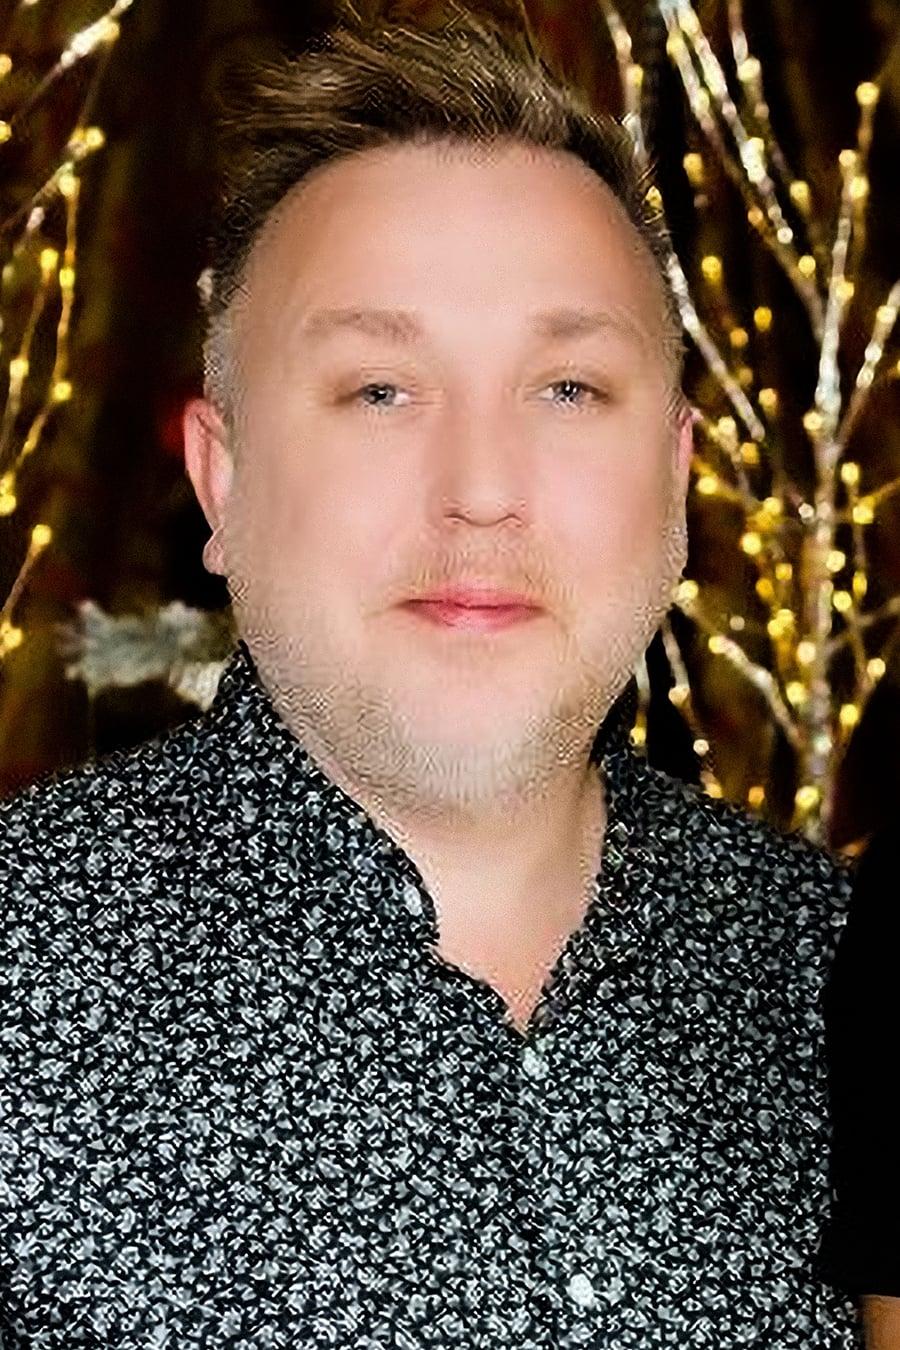 Daniel Réhn